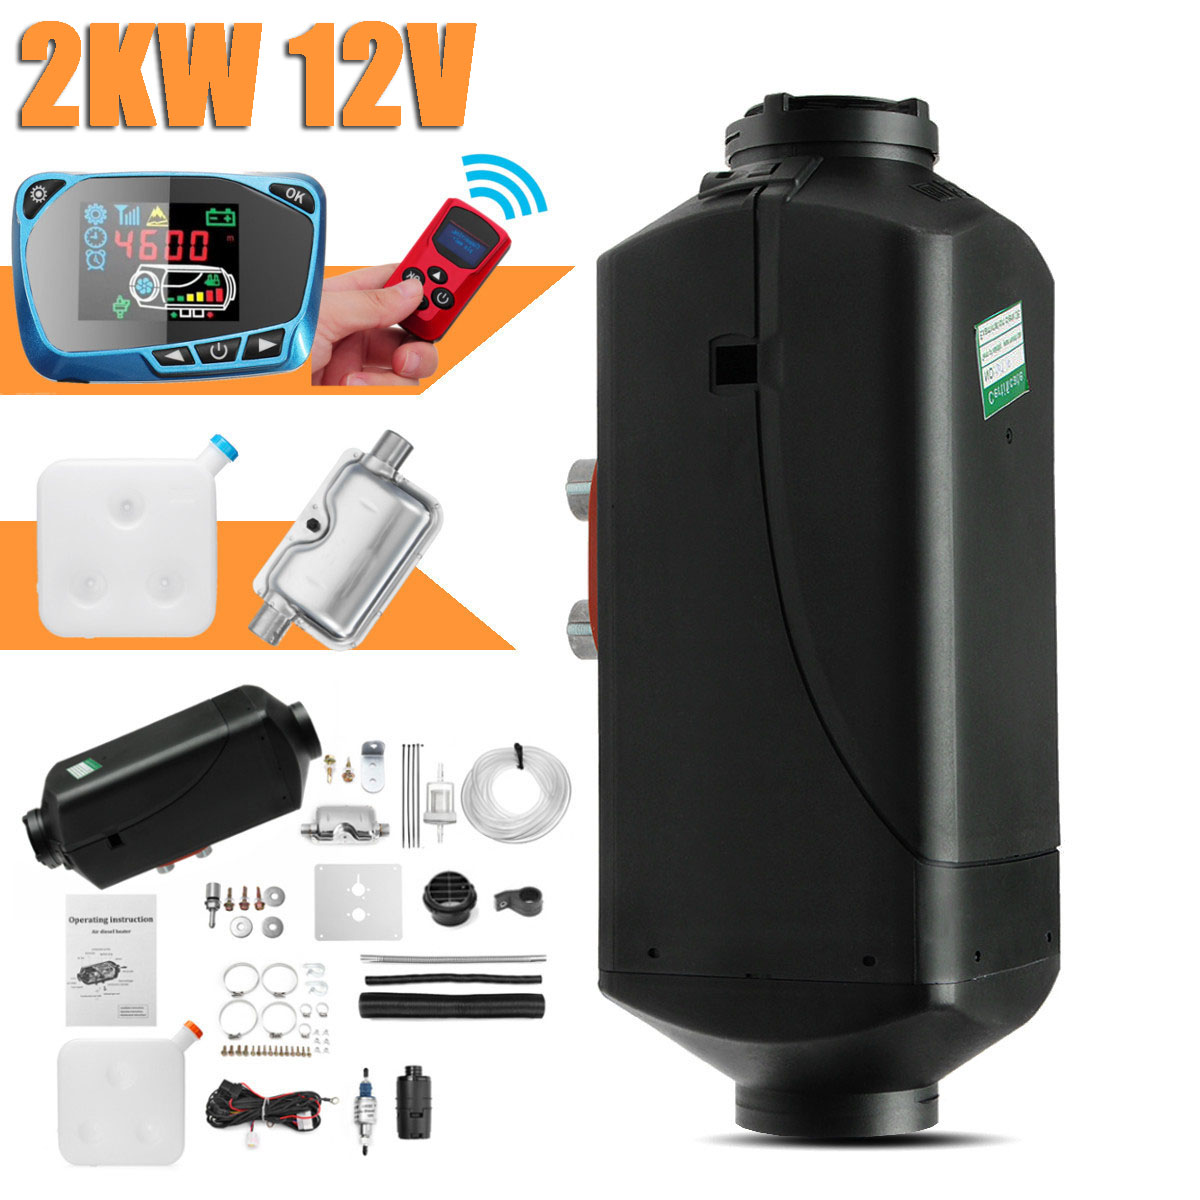 12V 2KW voiture Diesels Air Parking chauffage voiture chauffage LCD télécommande moniteur interrupteur + silencieux pour camions Bus remorque chauffage